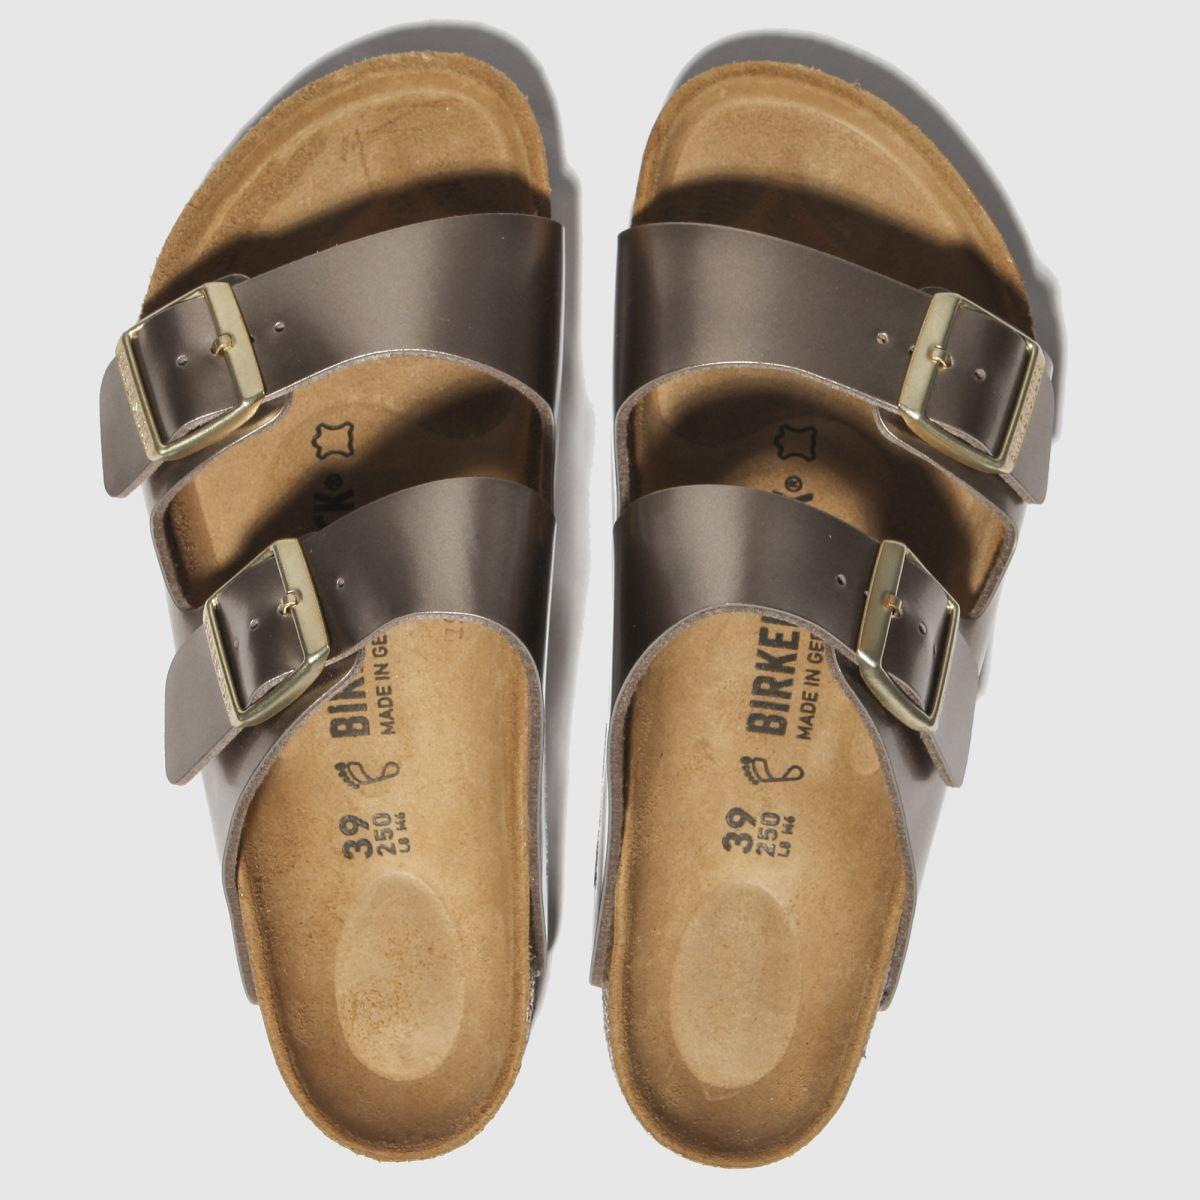 Birkenstock Bronze Electric Metallic Sandals